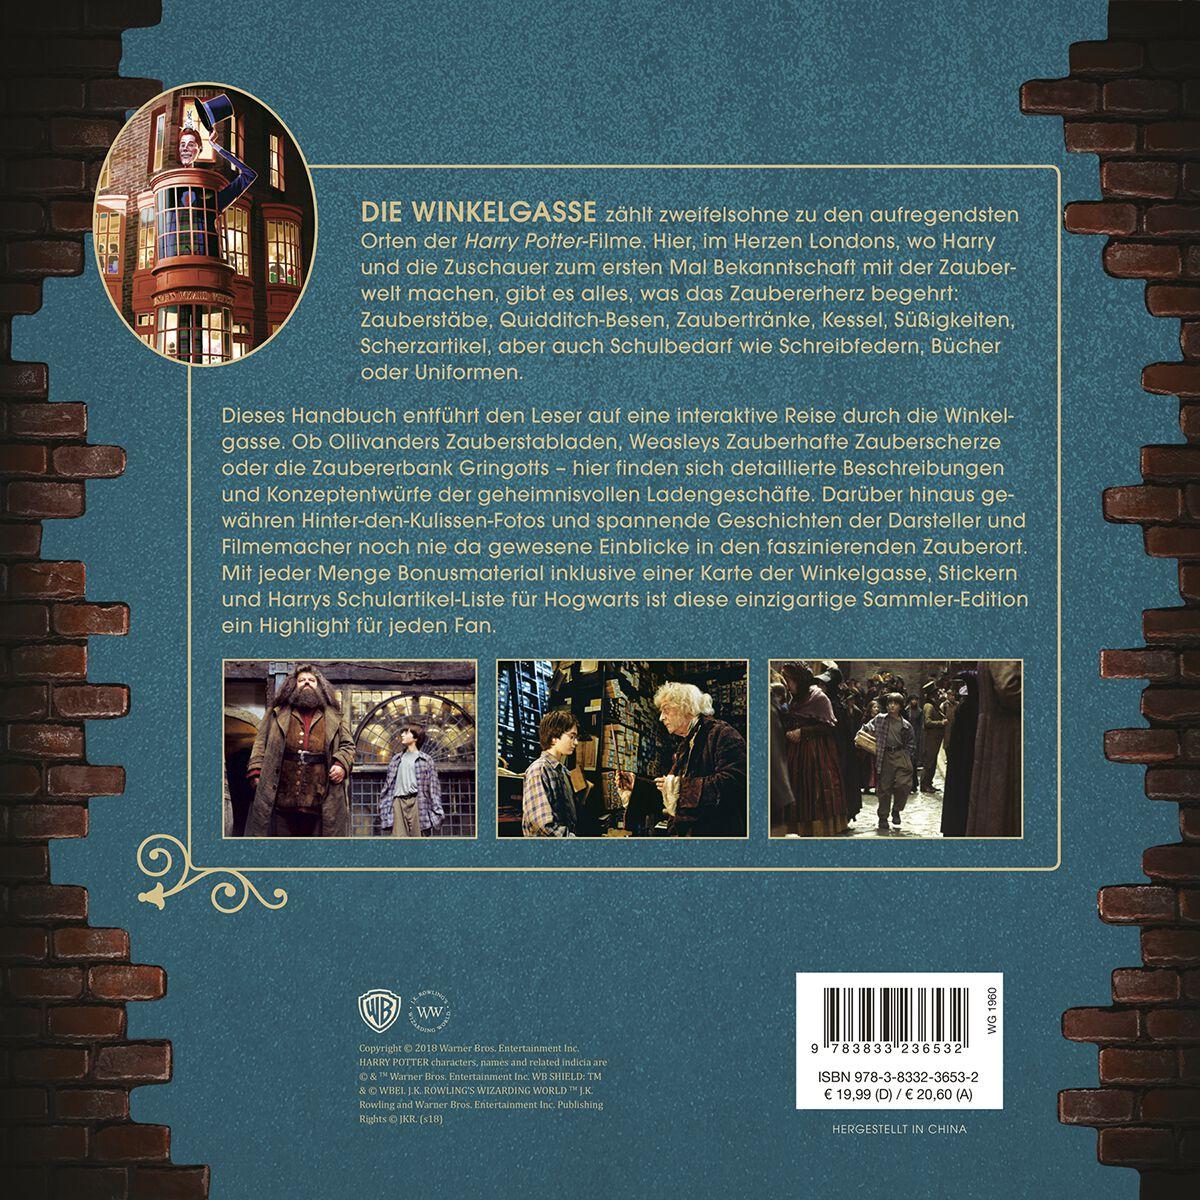 Die Winkelgasse Das Handbuch Zu Den Filmen Harry Potter Sachbuch